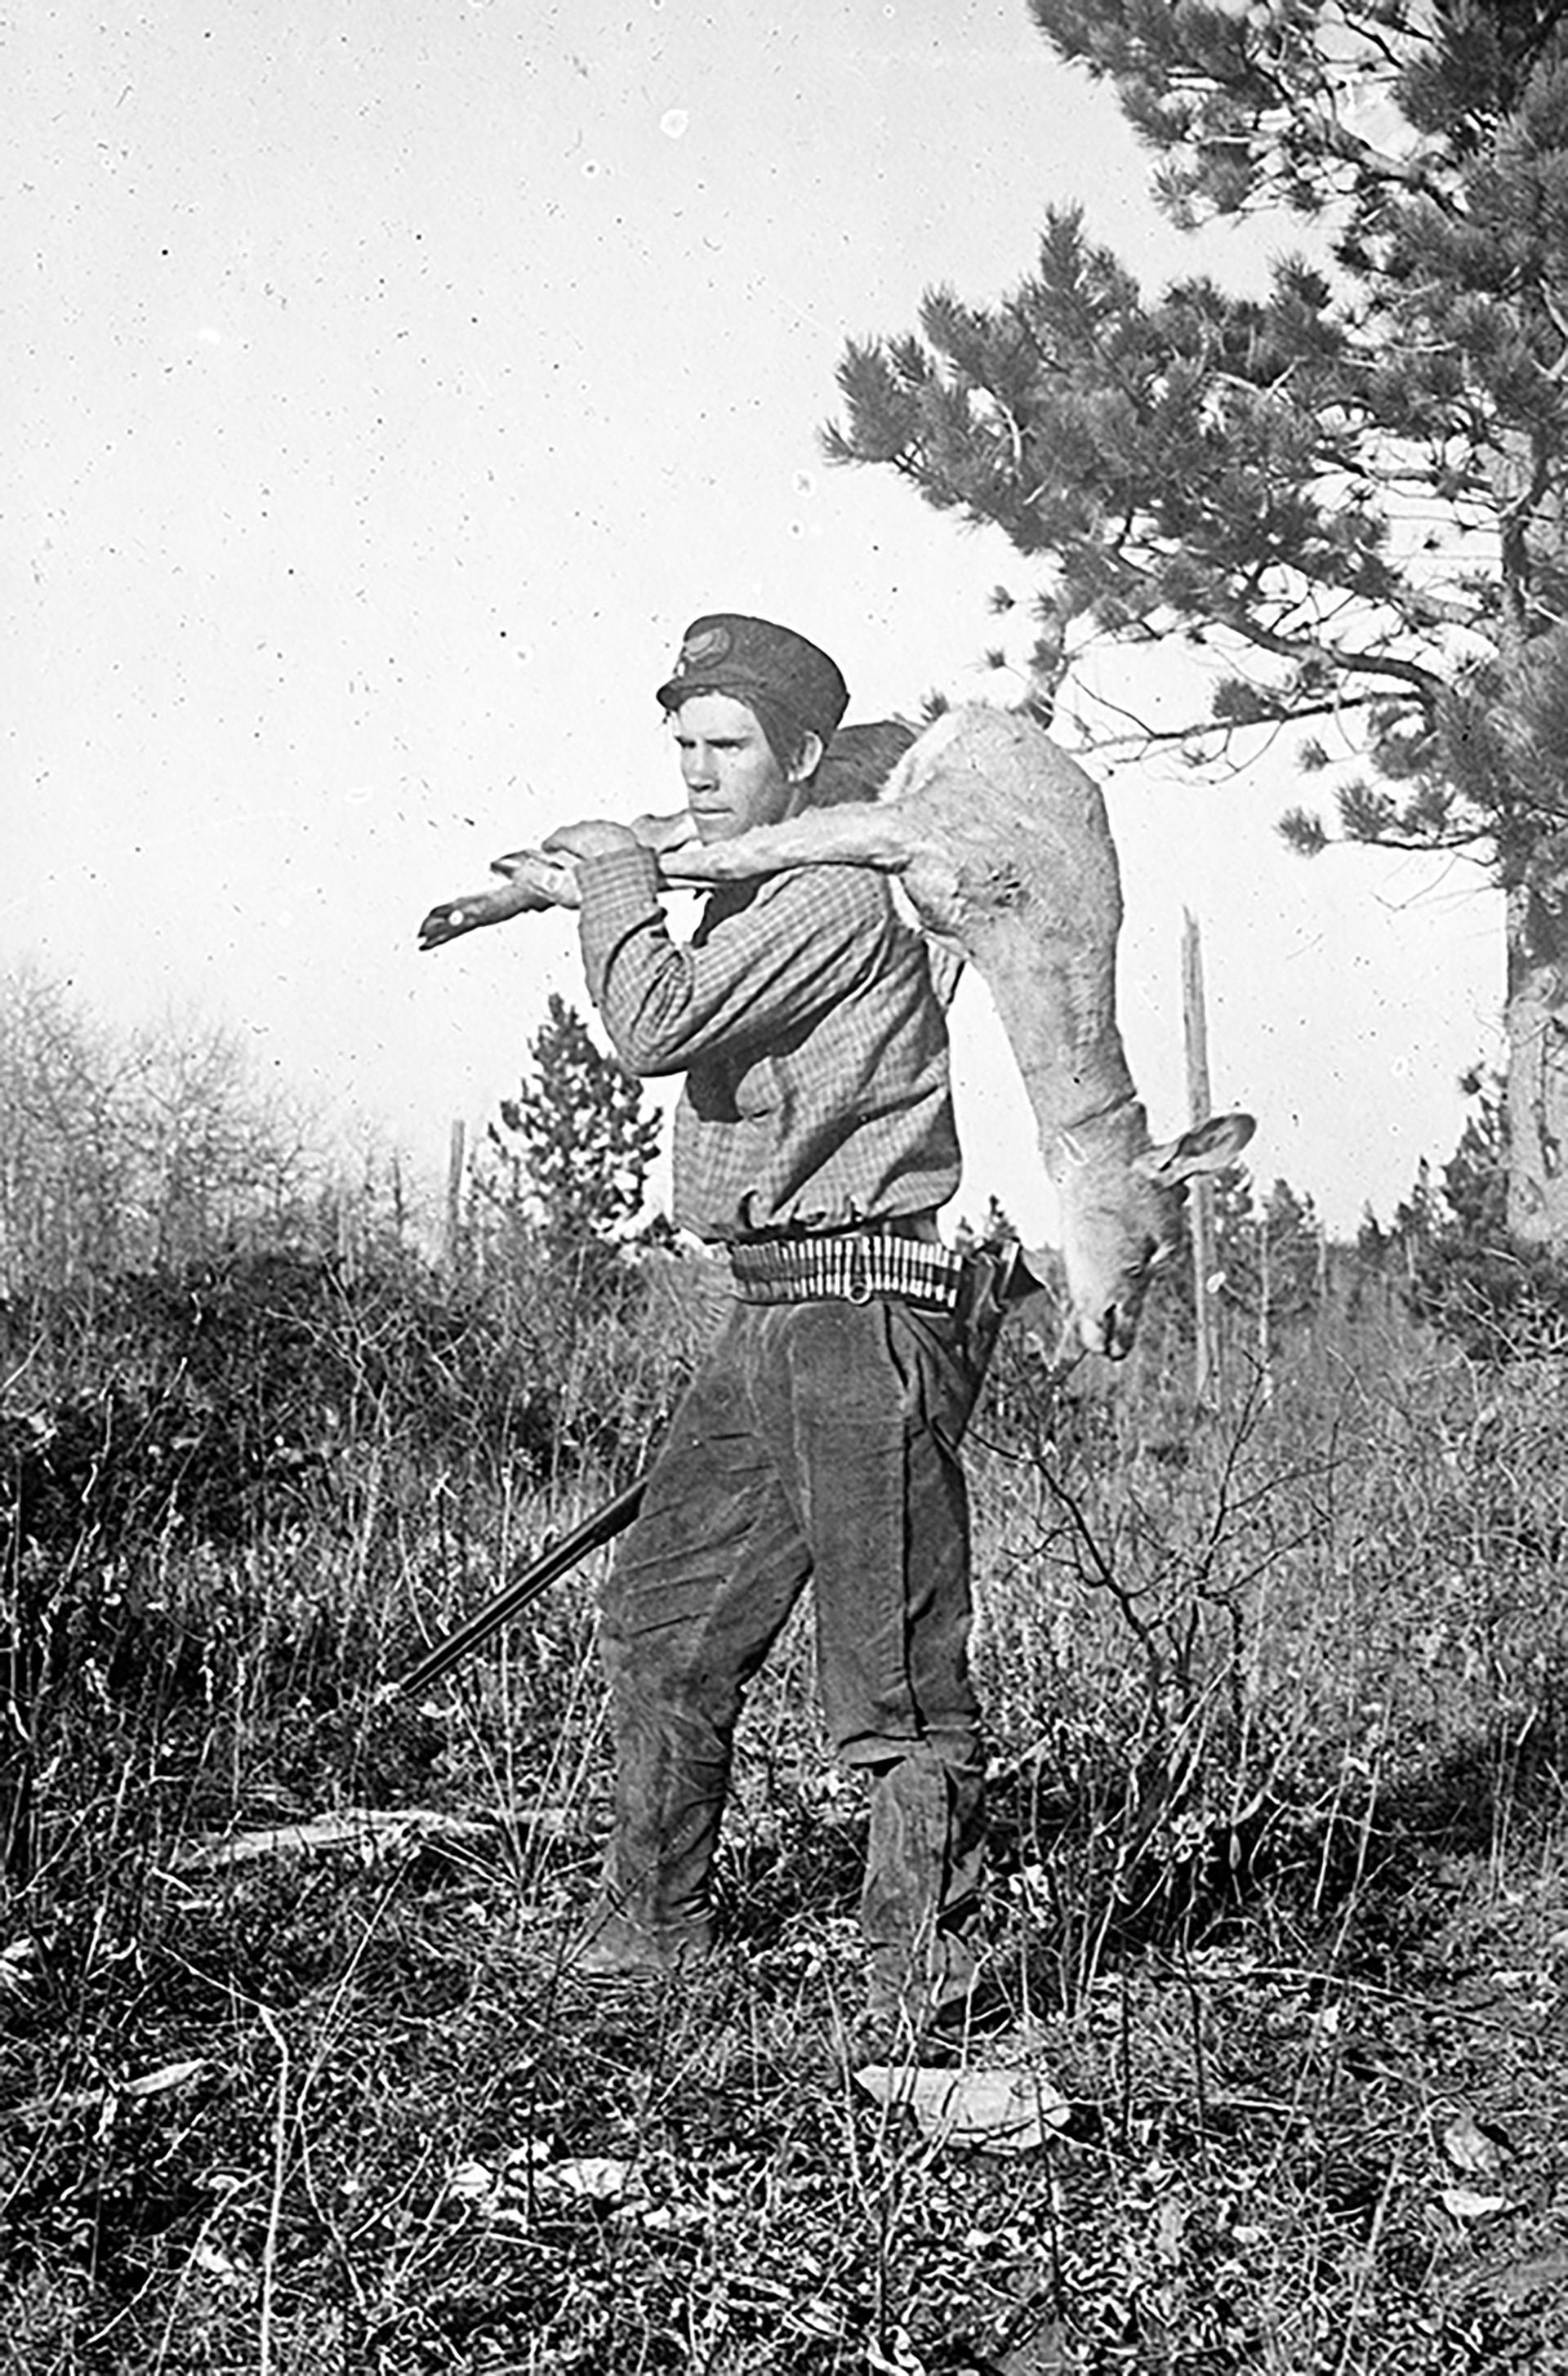 Image - Fred Farrar Self Portrait Hunting Circa 19055.jpg